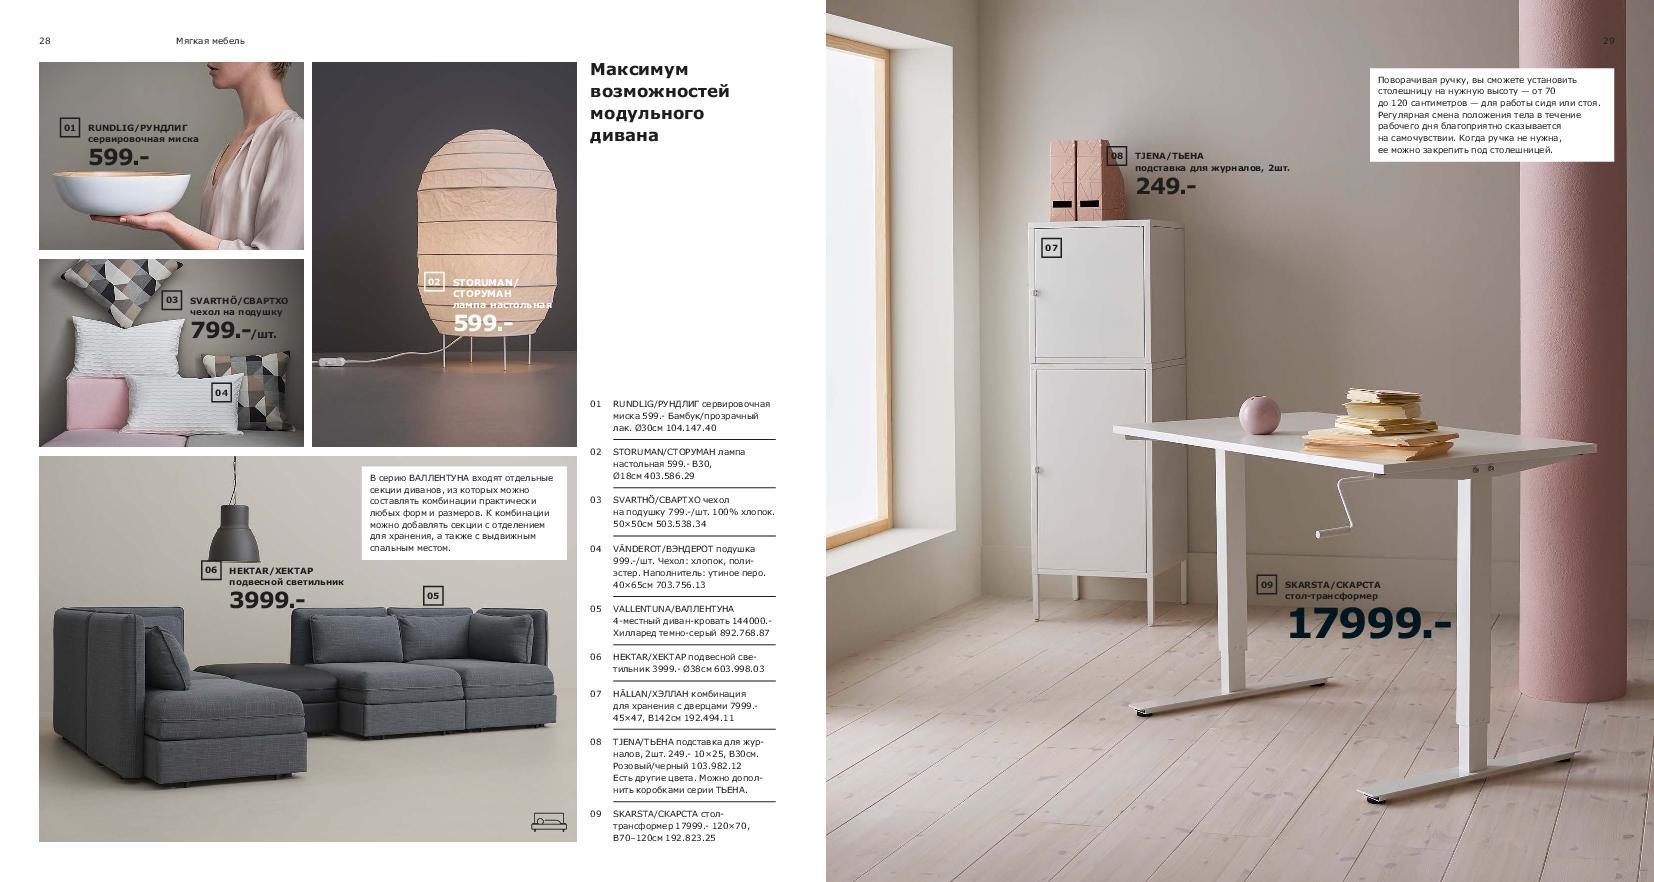 IKEA_catalogue_2019-15